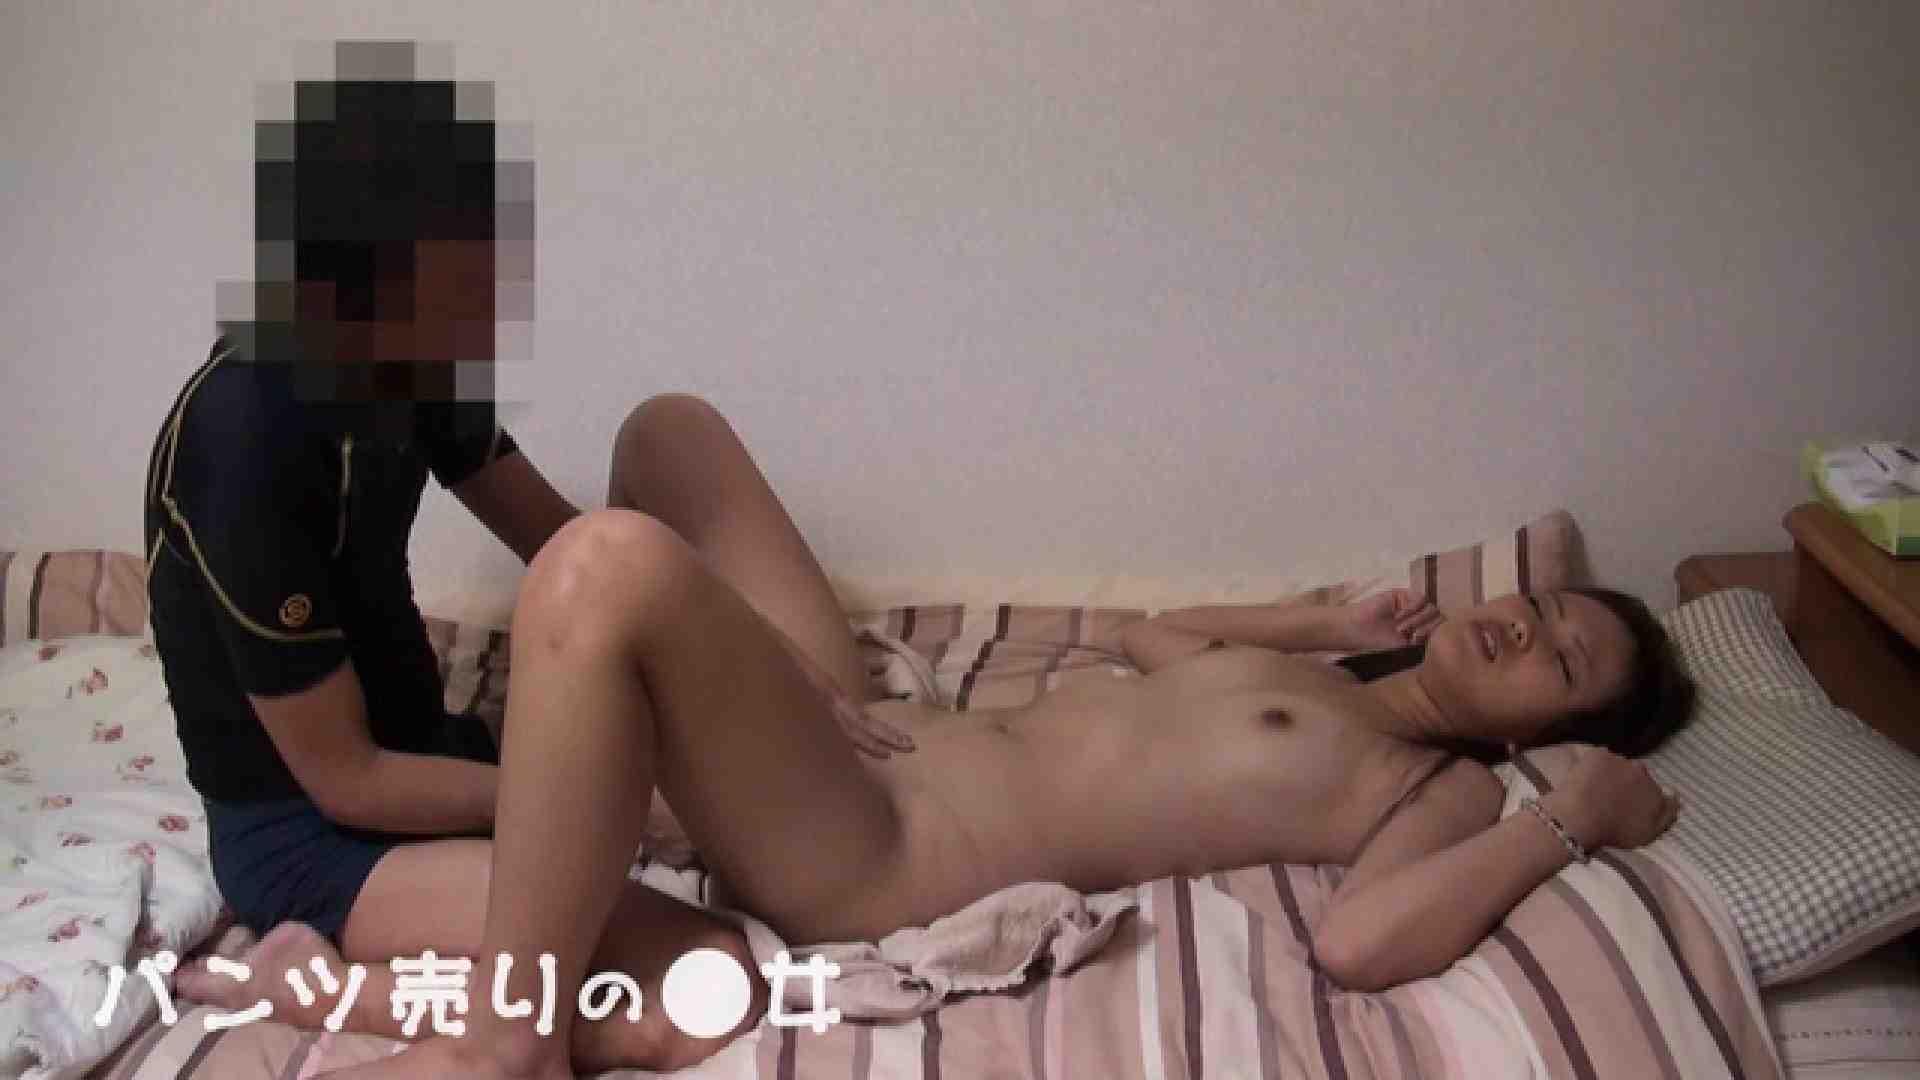 新説 パンツ売りの女の子ayu02 シャワー | 一般投稿  78pic 57